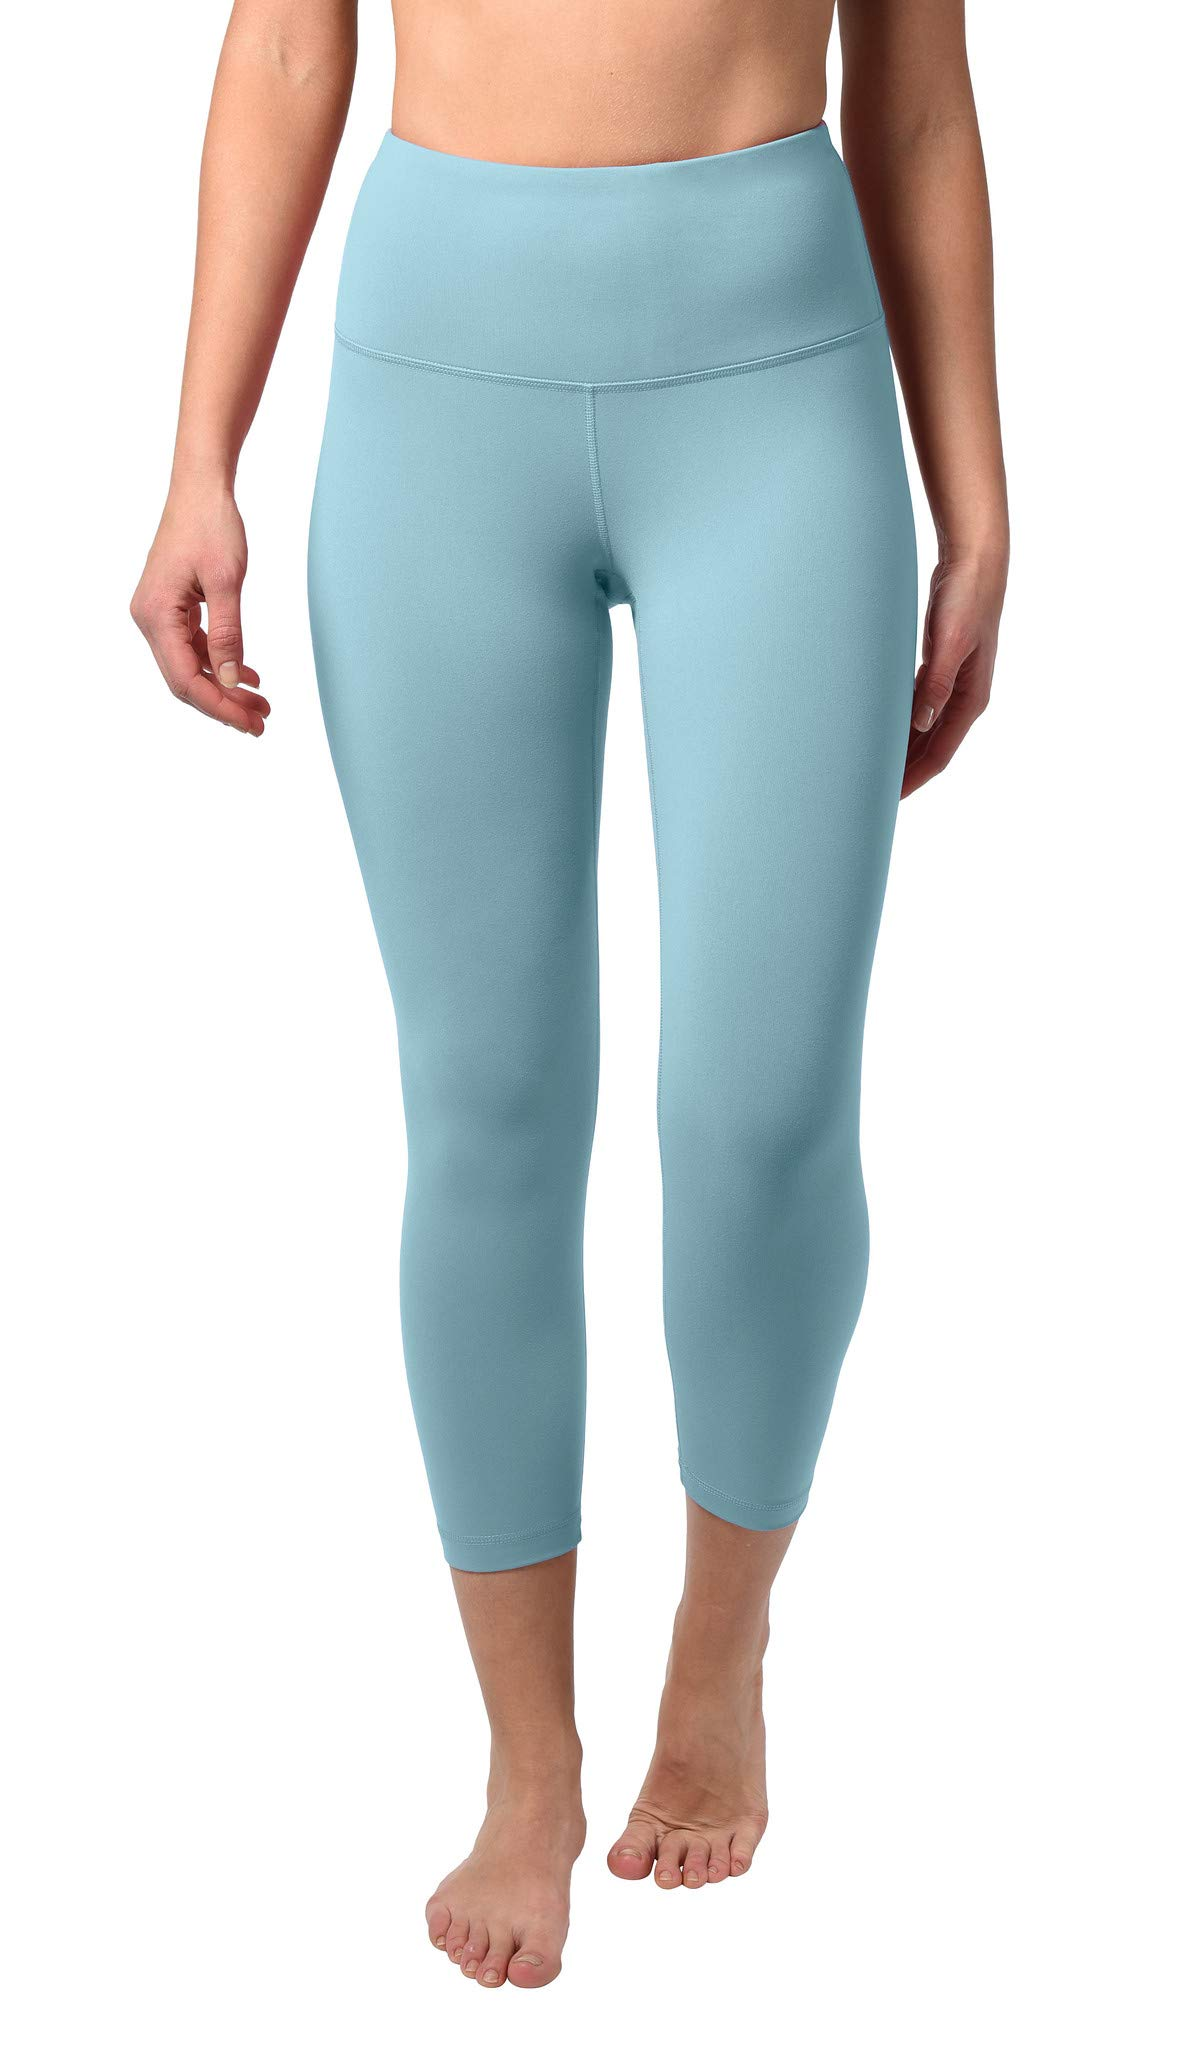 90 Degree By Reflex - High Waist Tummy Control Shapewear - Power Flex Capri - Bluebell - XS